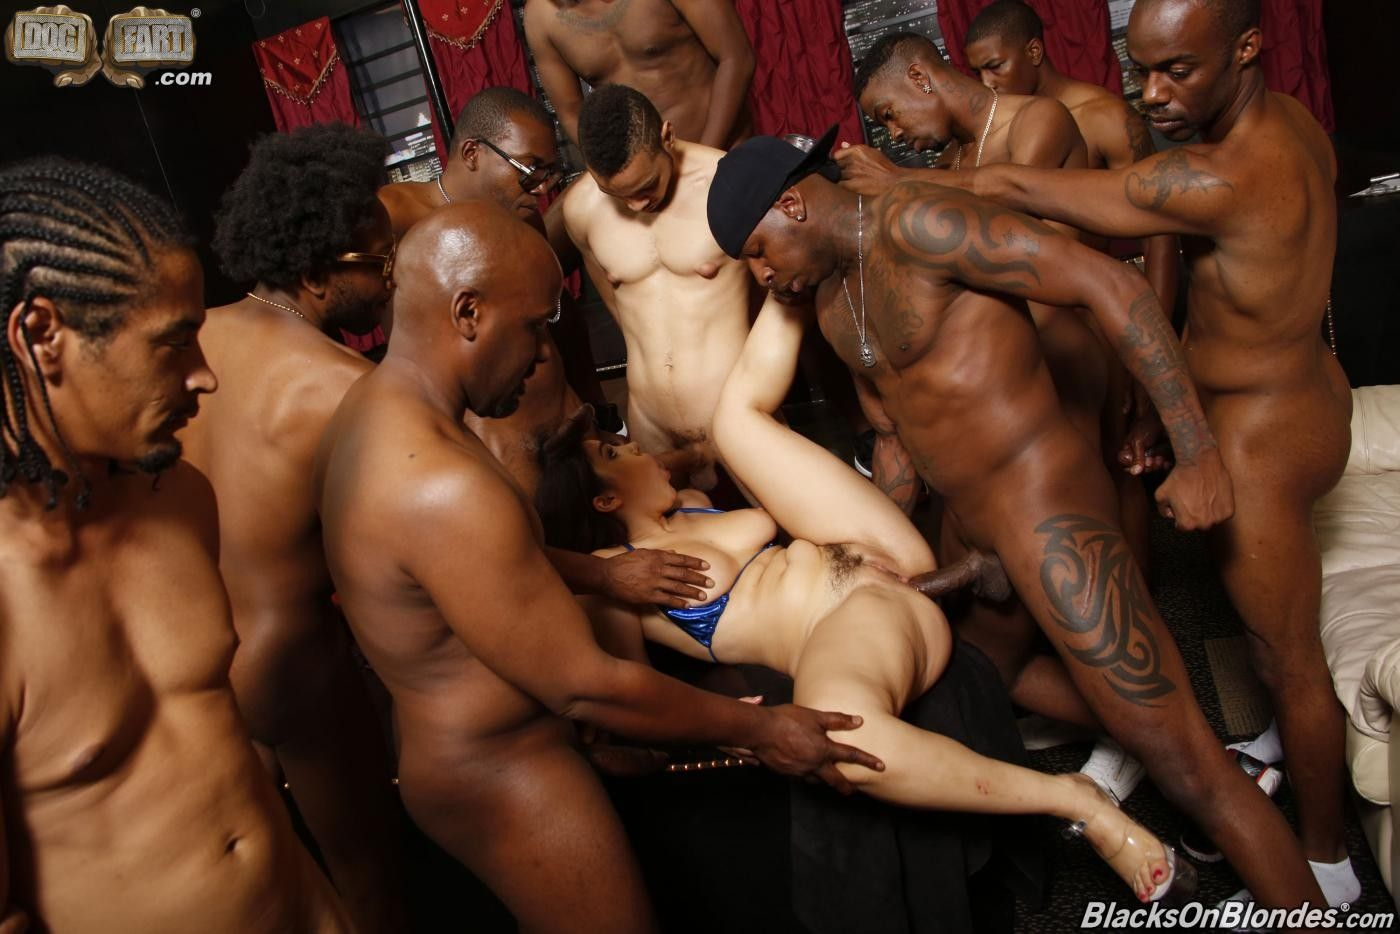 Секс негры групповуха фото би, Групповуха с неграми - порно фото 10 фотография